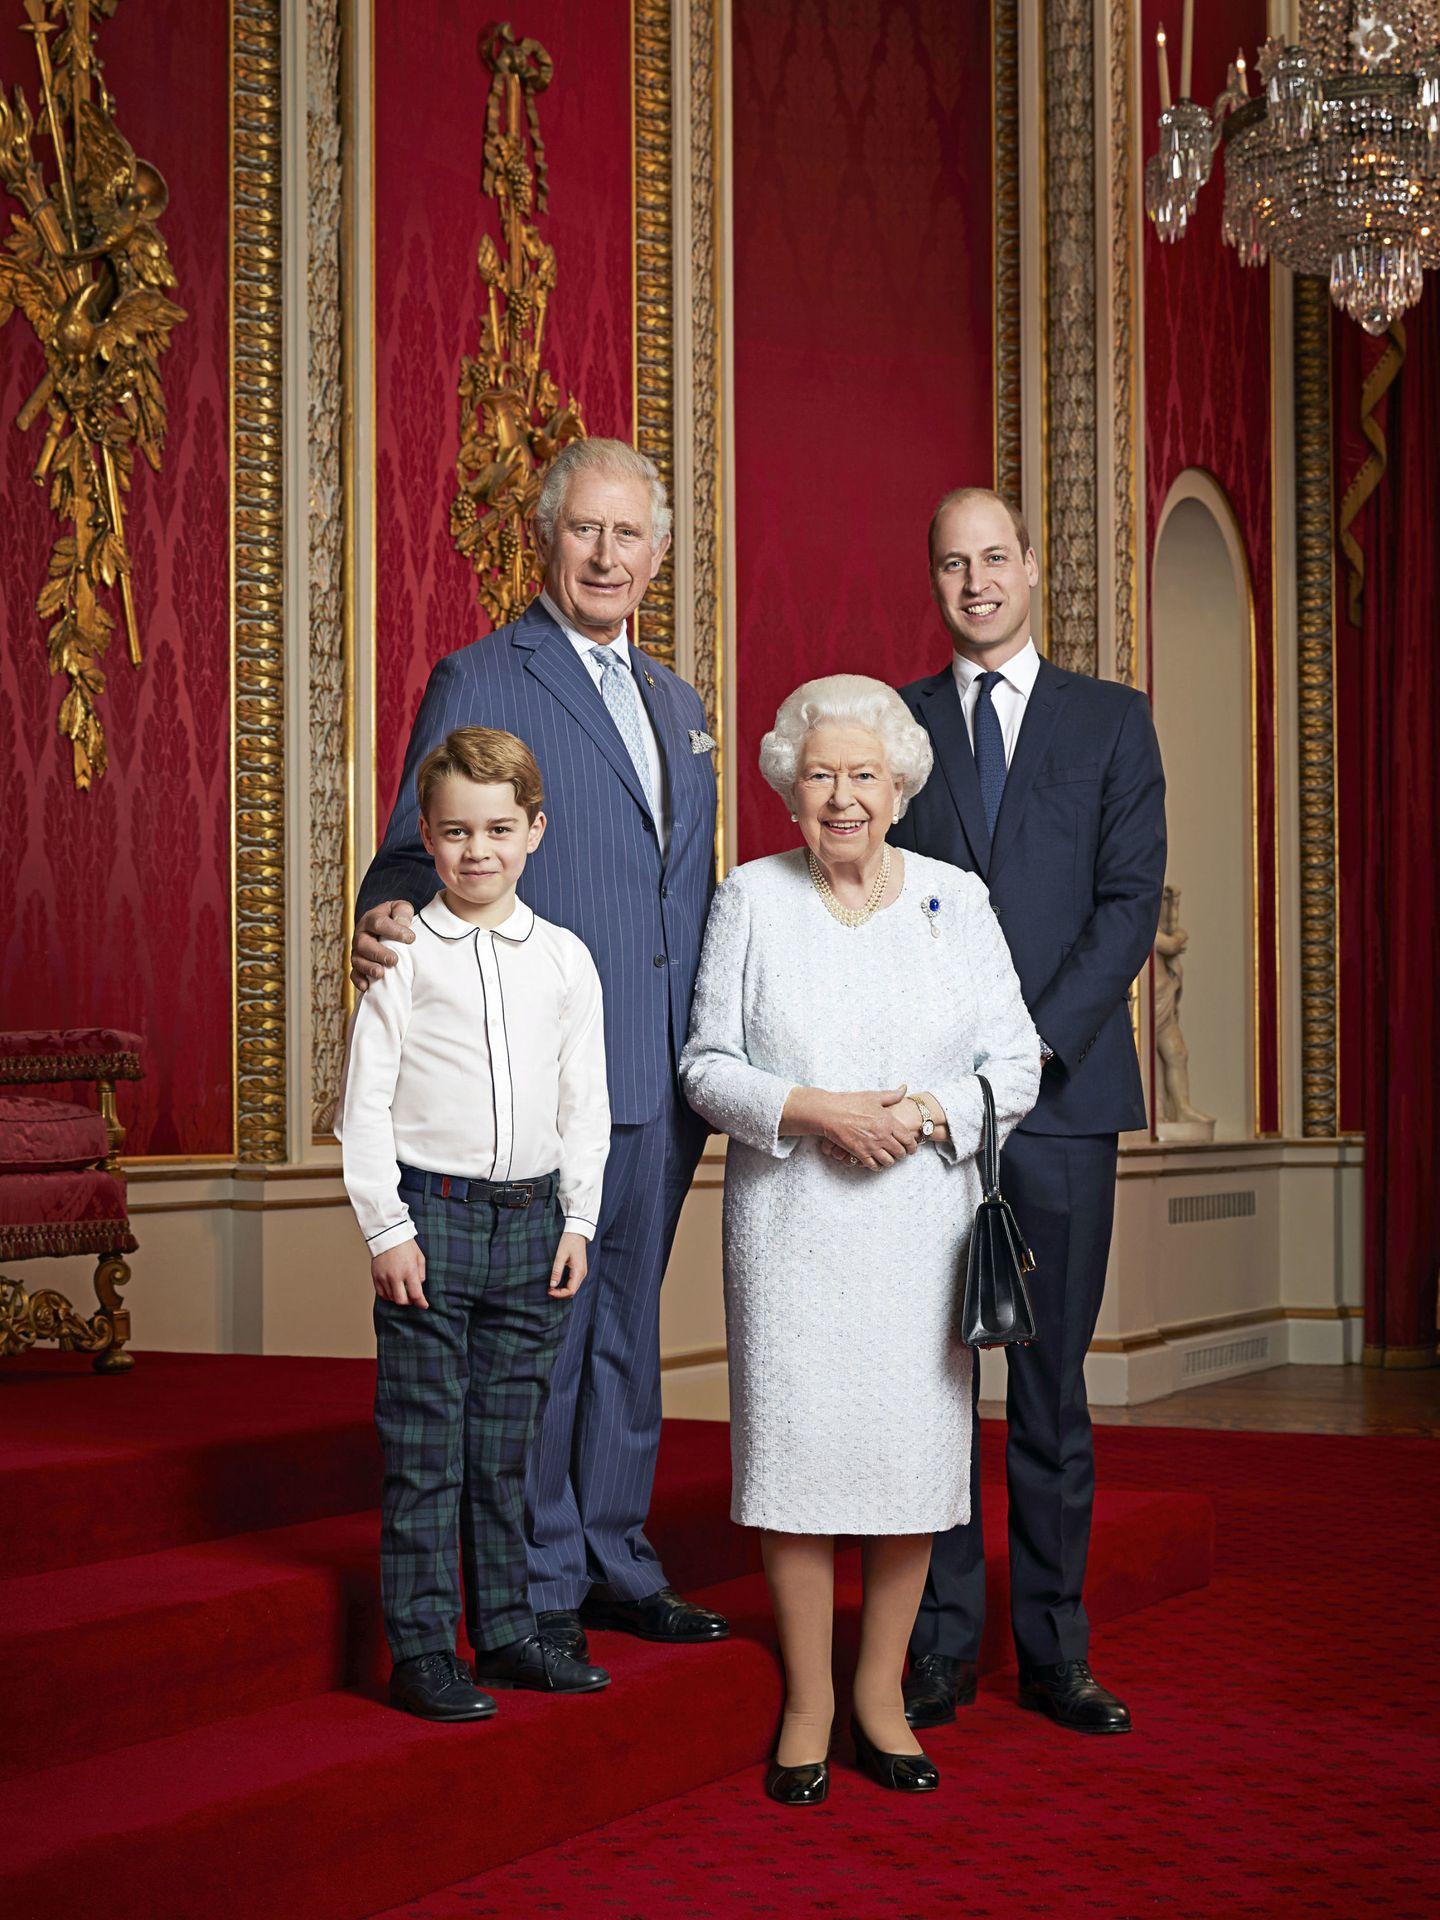 La reina Isabel, el príncipe Carlos, el príncipe Guillermo y el príncipe George. (Buckingham Palace)